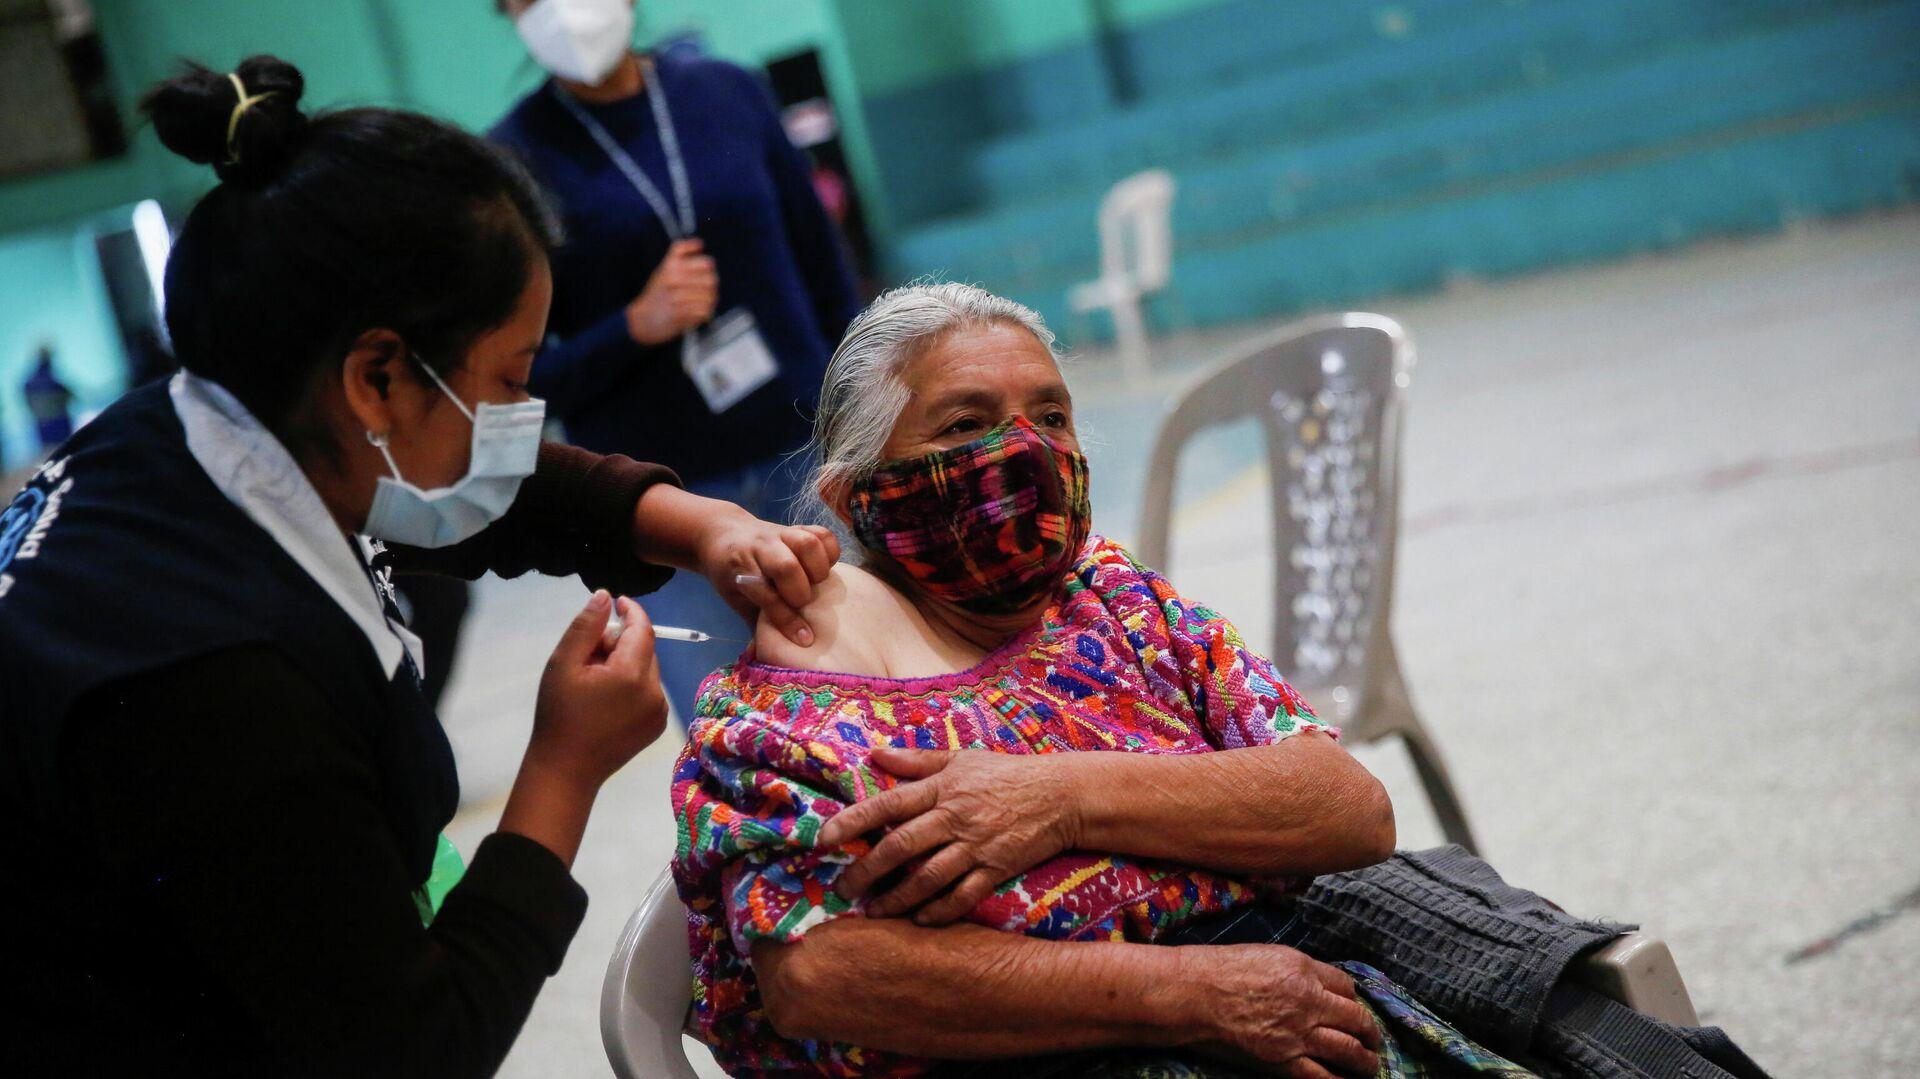 Vacunación anti-COVID en Guatemala - Sputnik Mundo, 1920, 12.05.2021